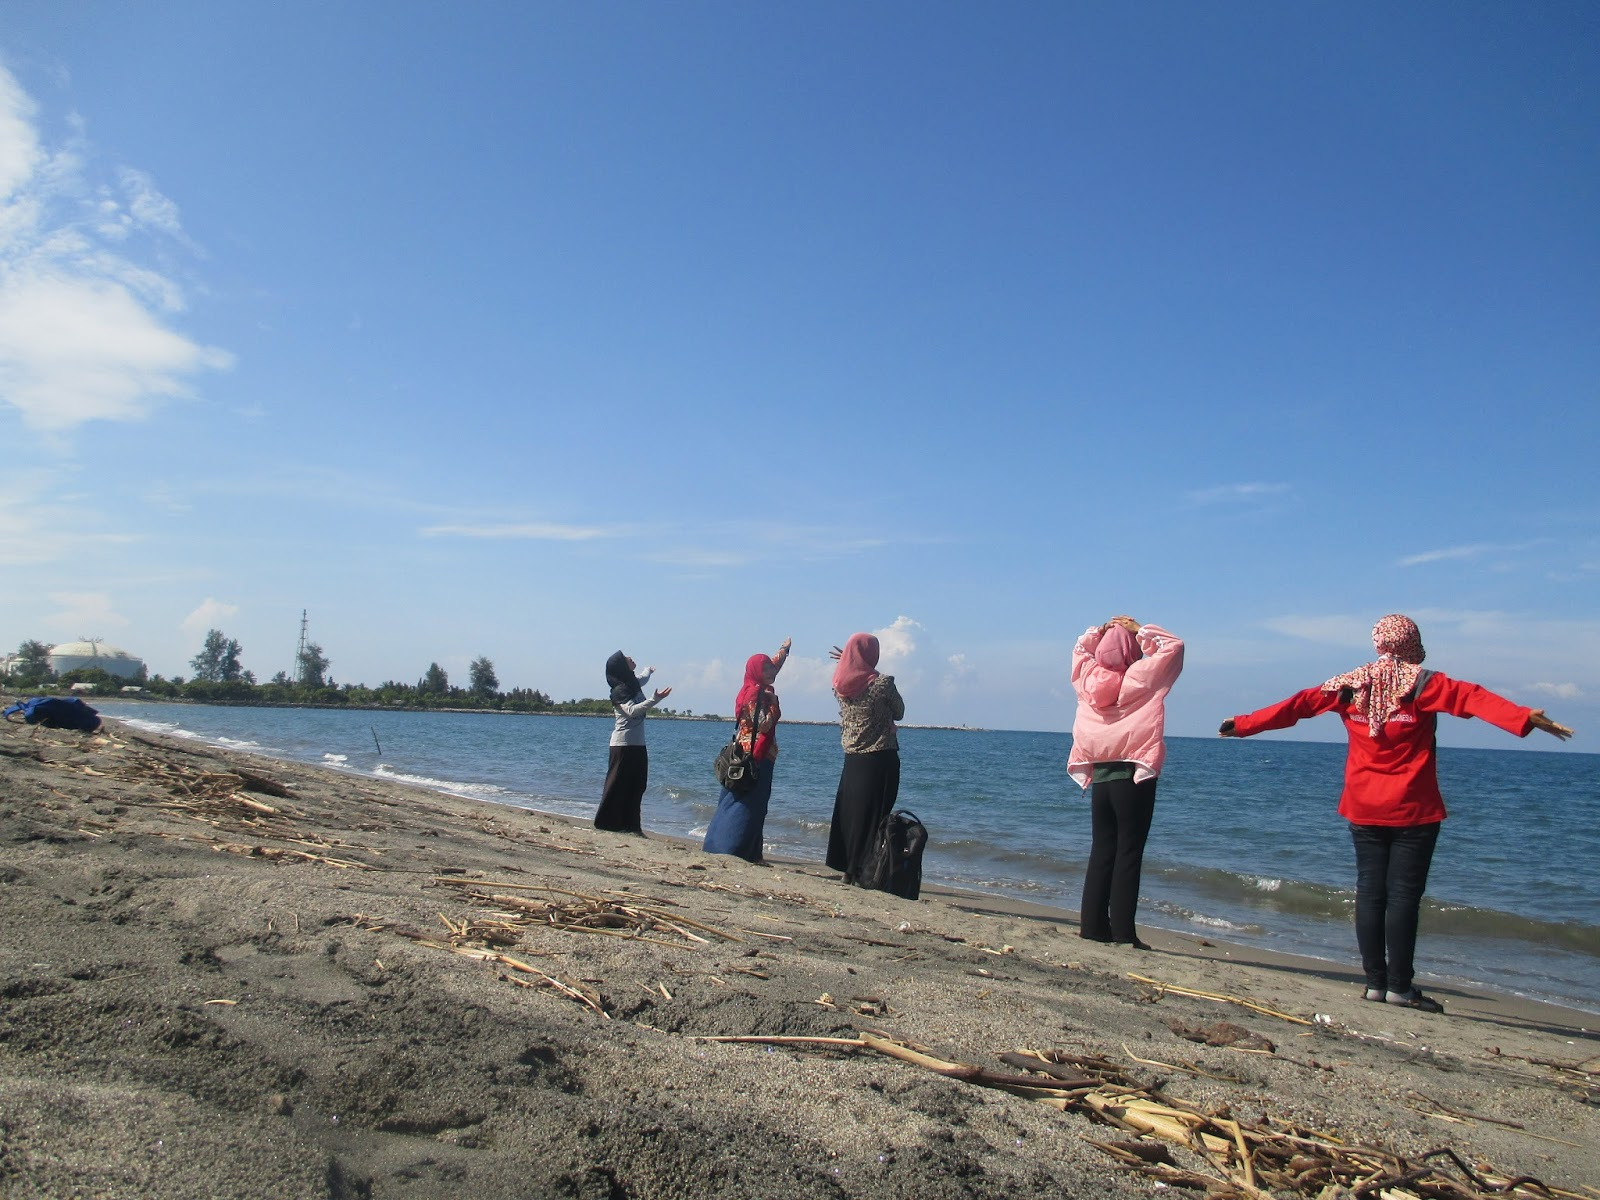 Pesona Keindahan Pulau Seumadu Di Kota Lhokseumawe Yang Wajib Dikunjungi Travellink Indonesia